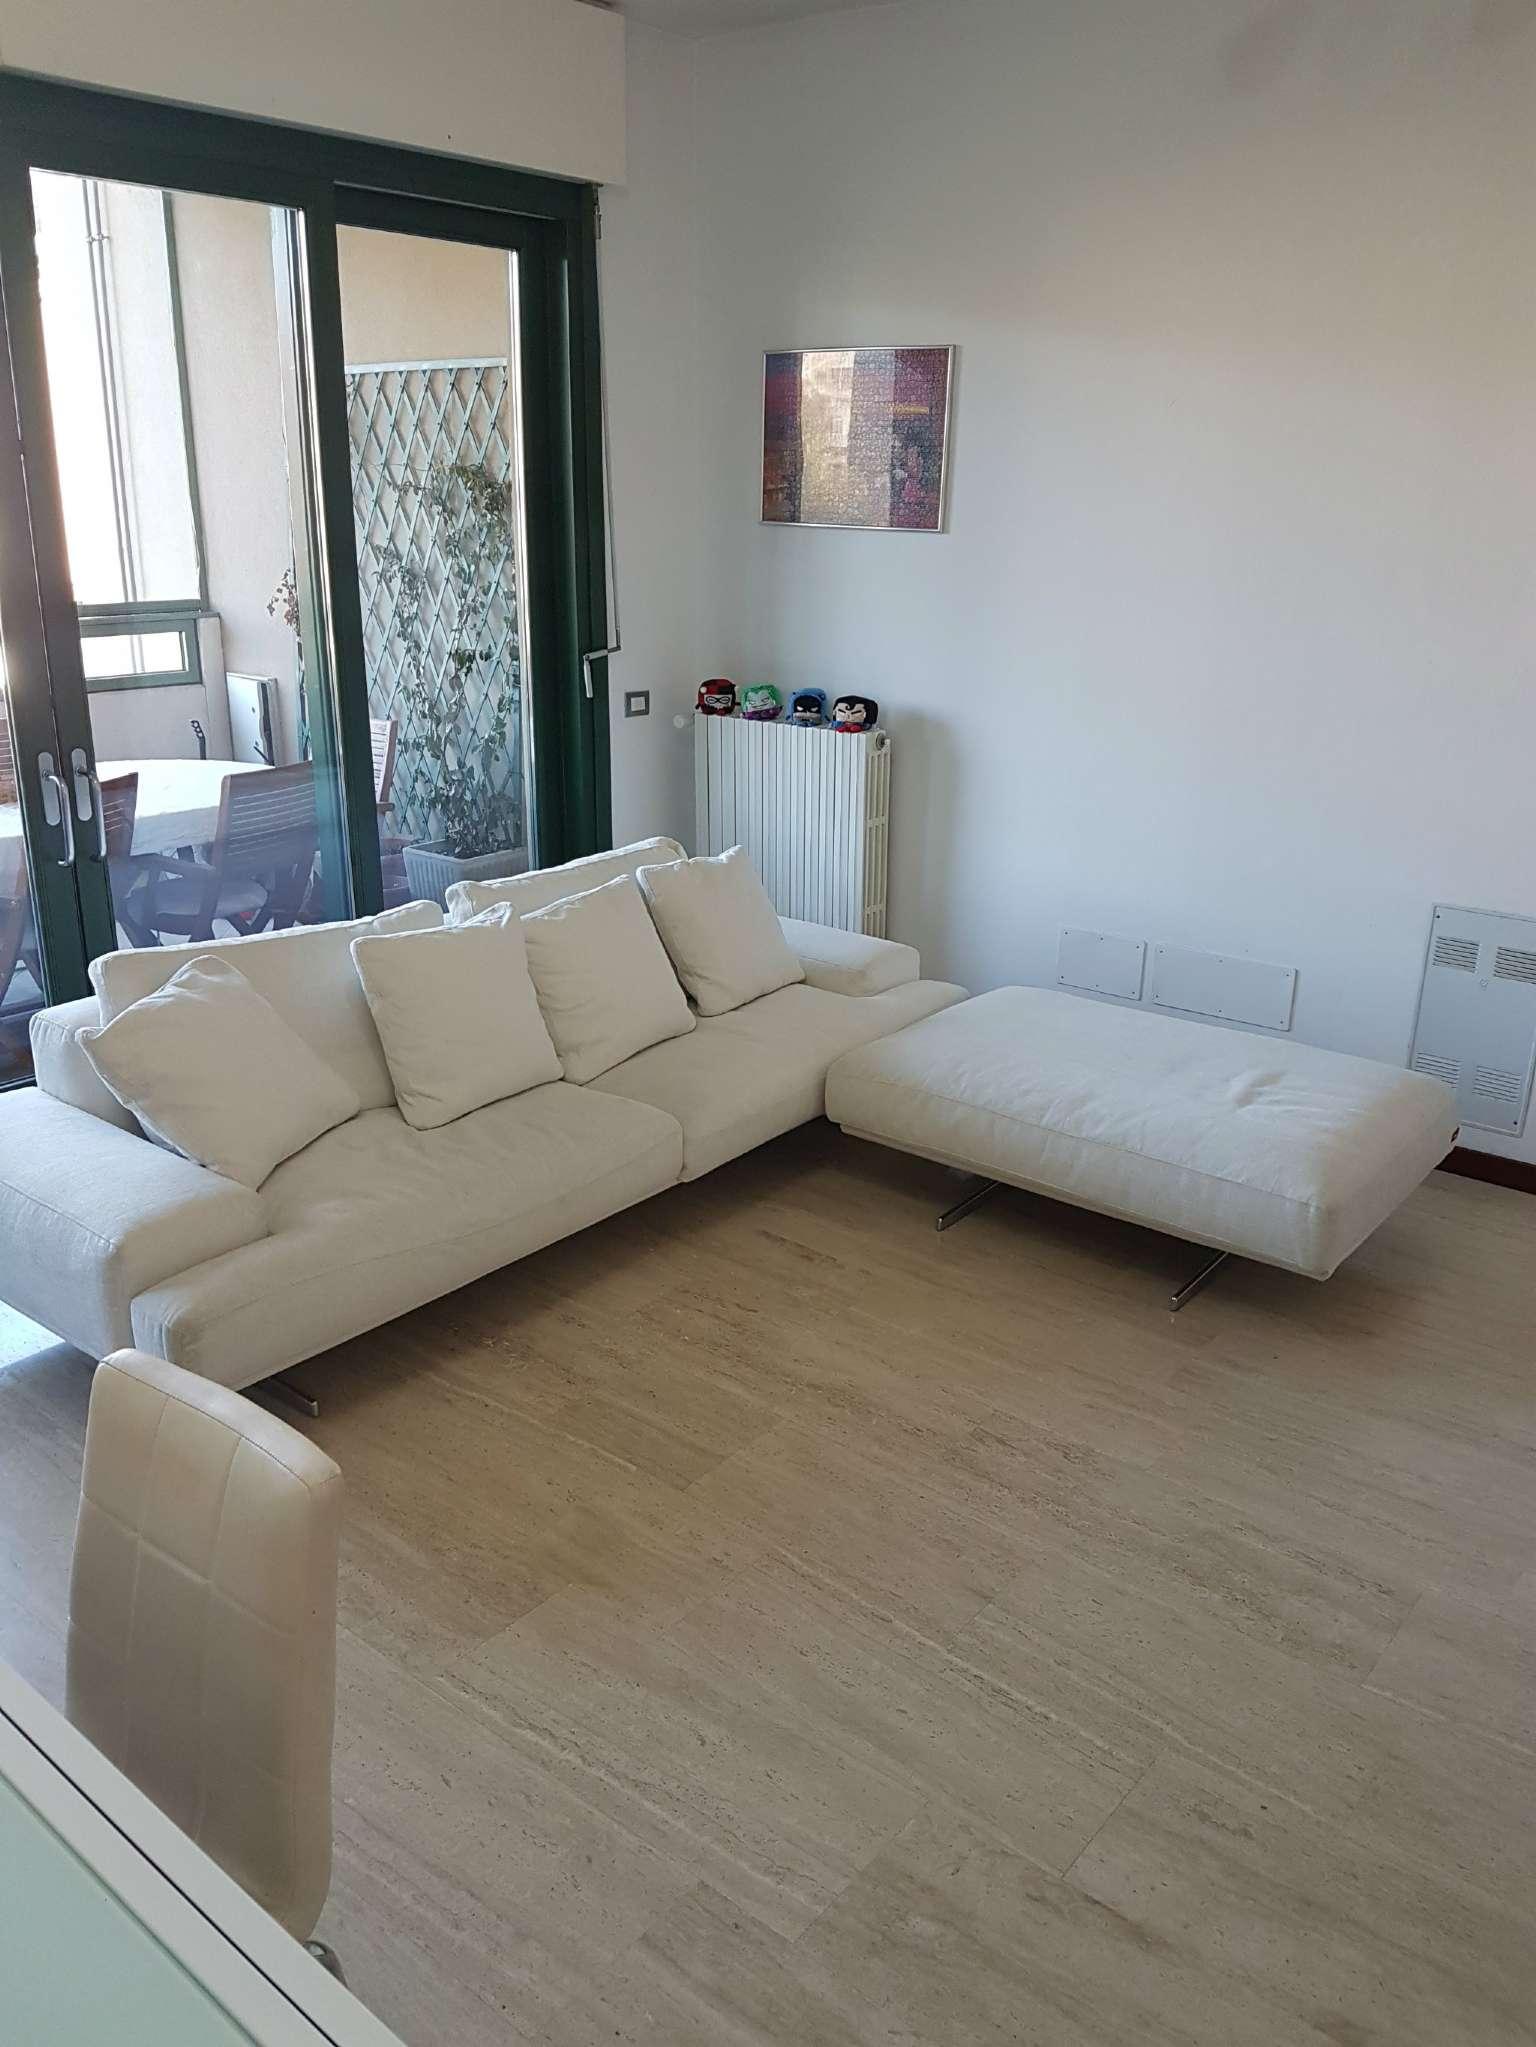 Appartamento in vendita a Pieve Emanuele, 2 locali, prezzo € 140.000 | CambioCasa.it